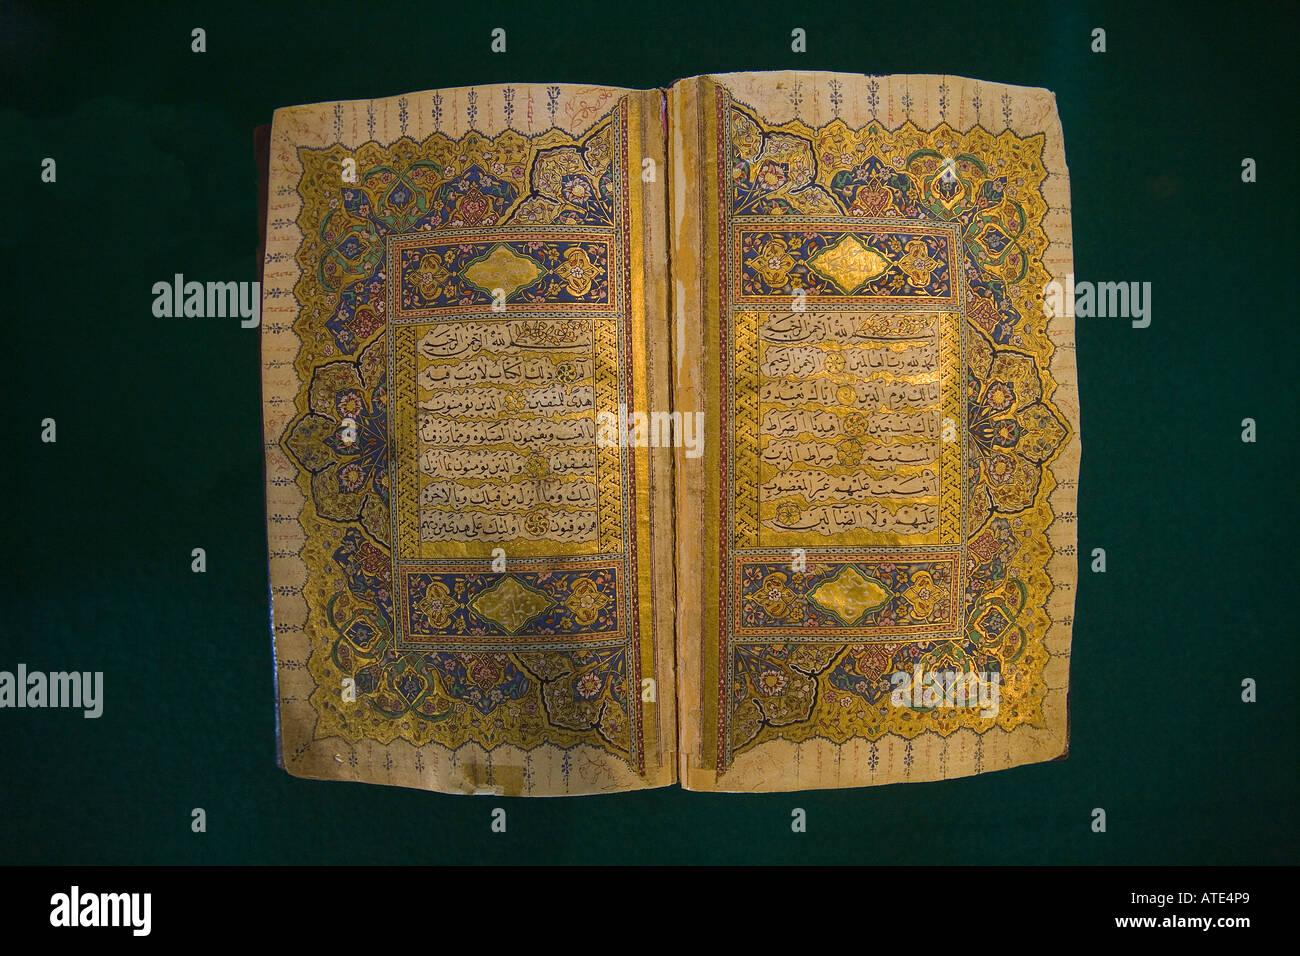 17th century Koran, Turkey - Stock Image